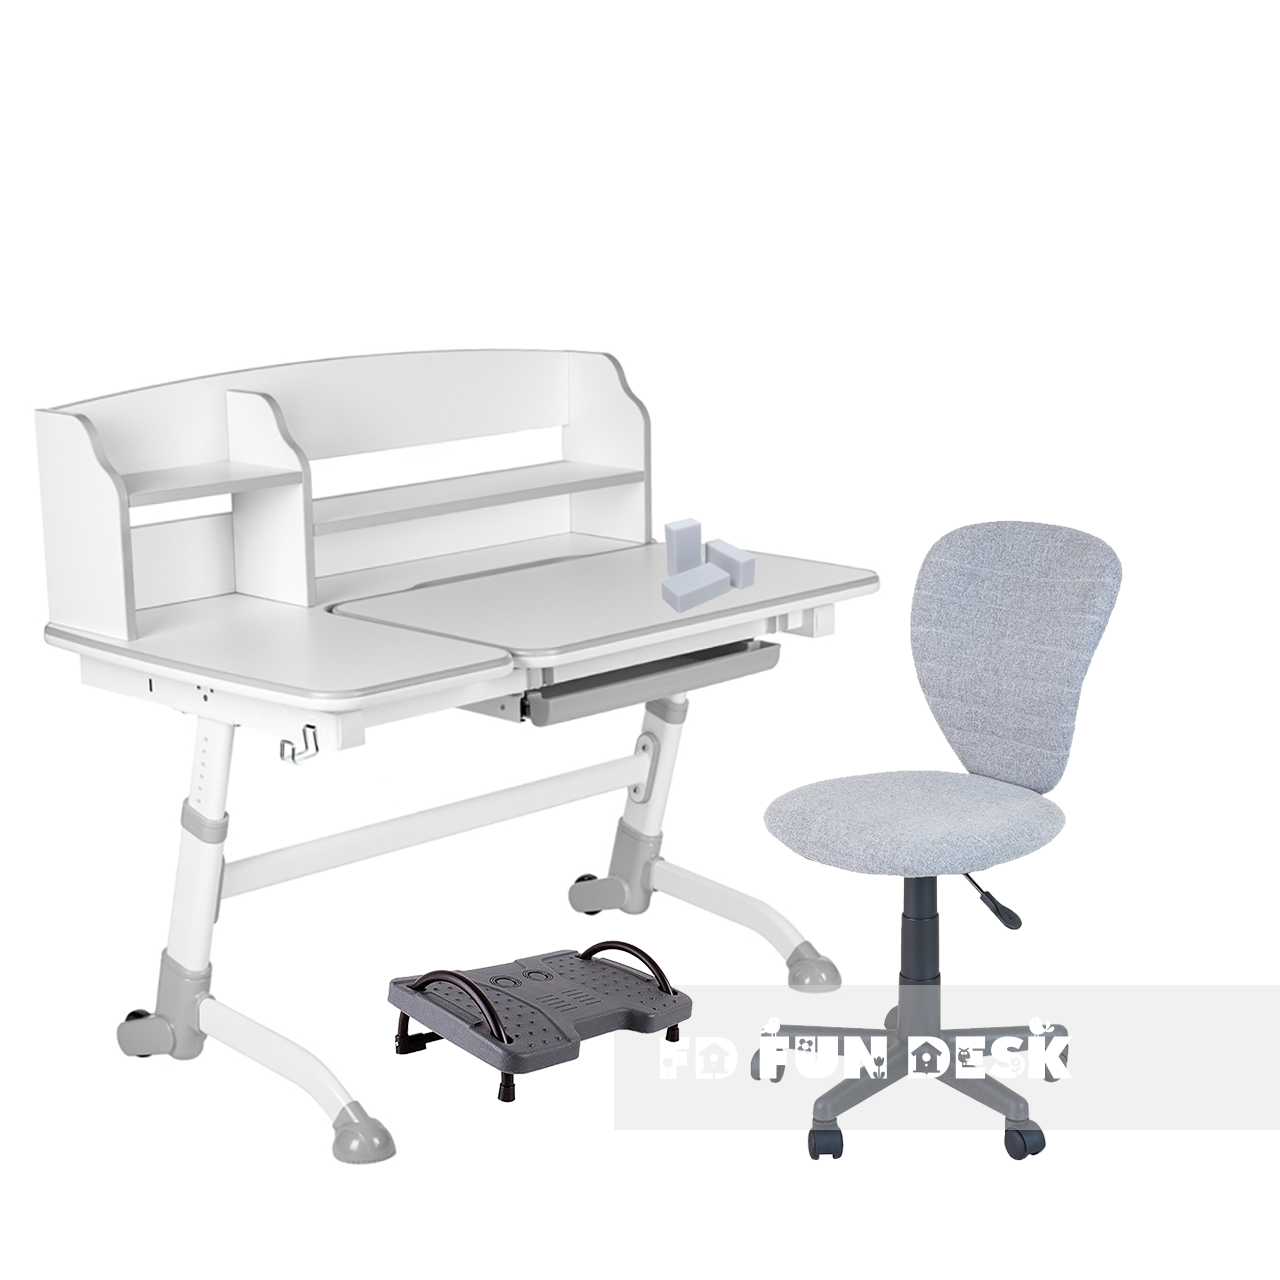 Комплект подростковая парта для школы Amare II Grey + ортопедическое кресло LST2 Grey FunDesk